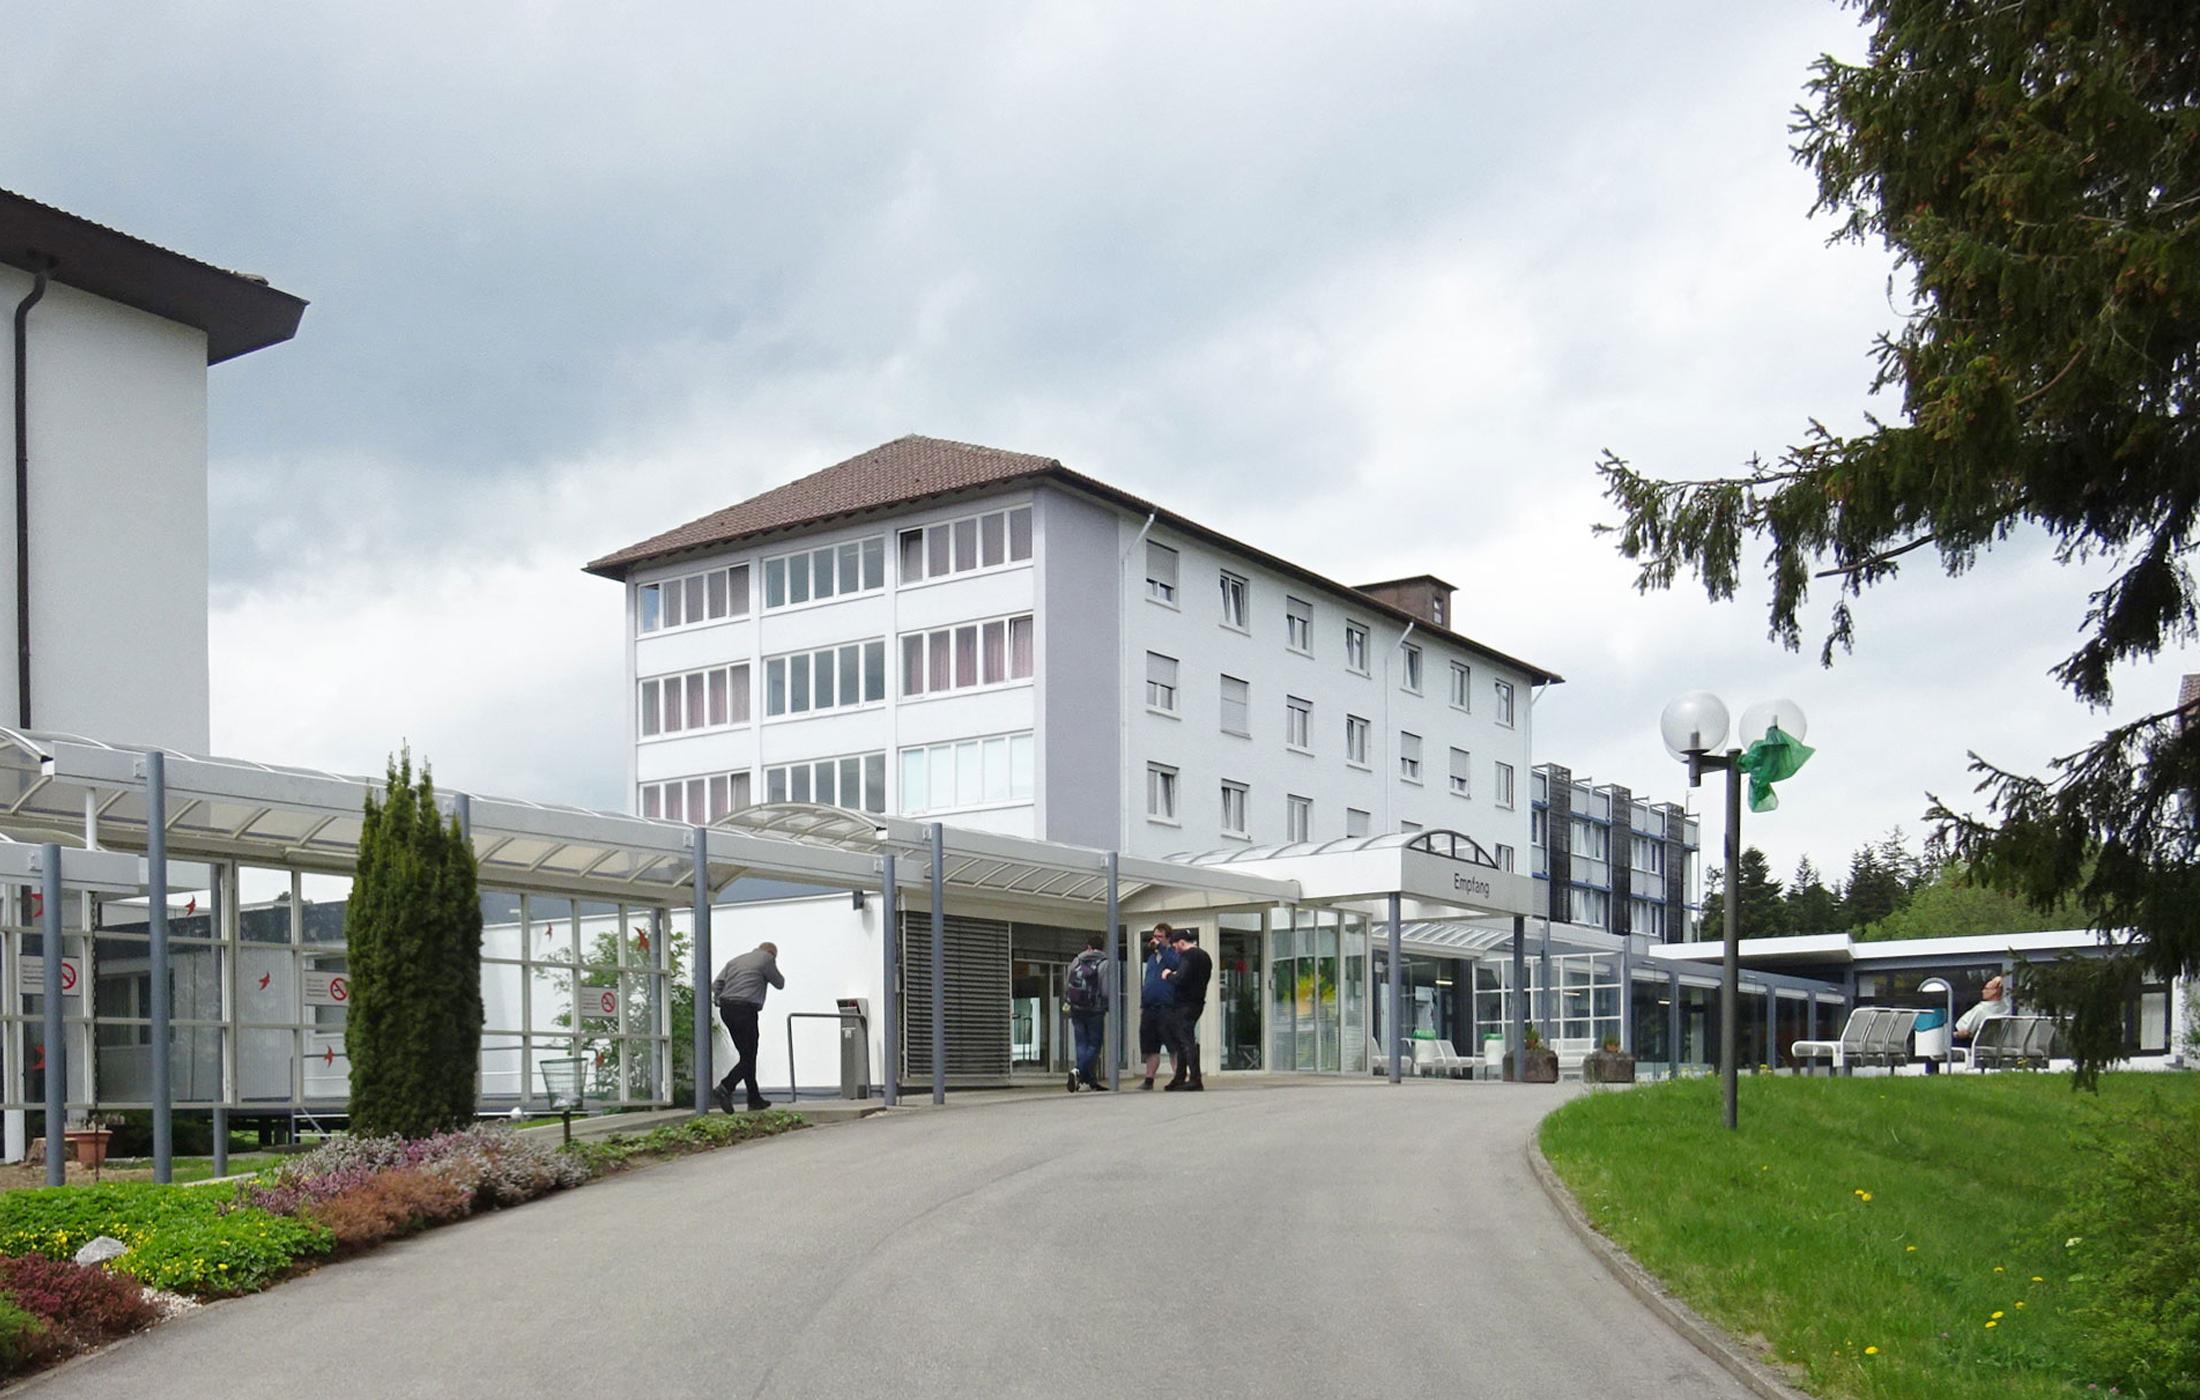 2018, Barrierefreie Untersuchung Berufsförderungswerk Schömberg e.V